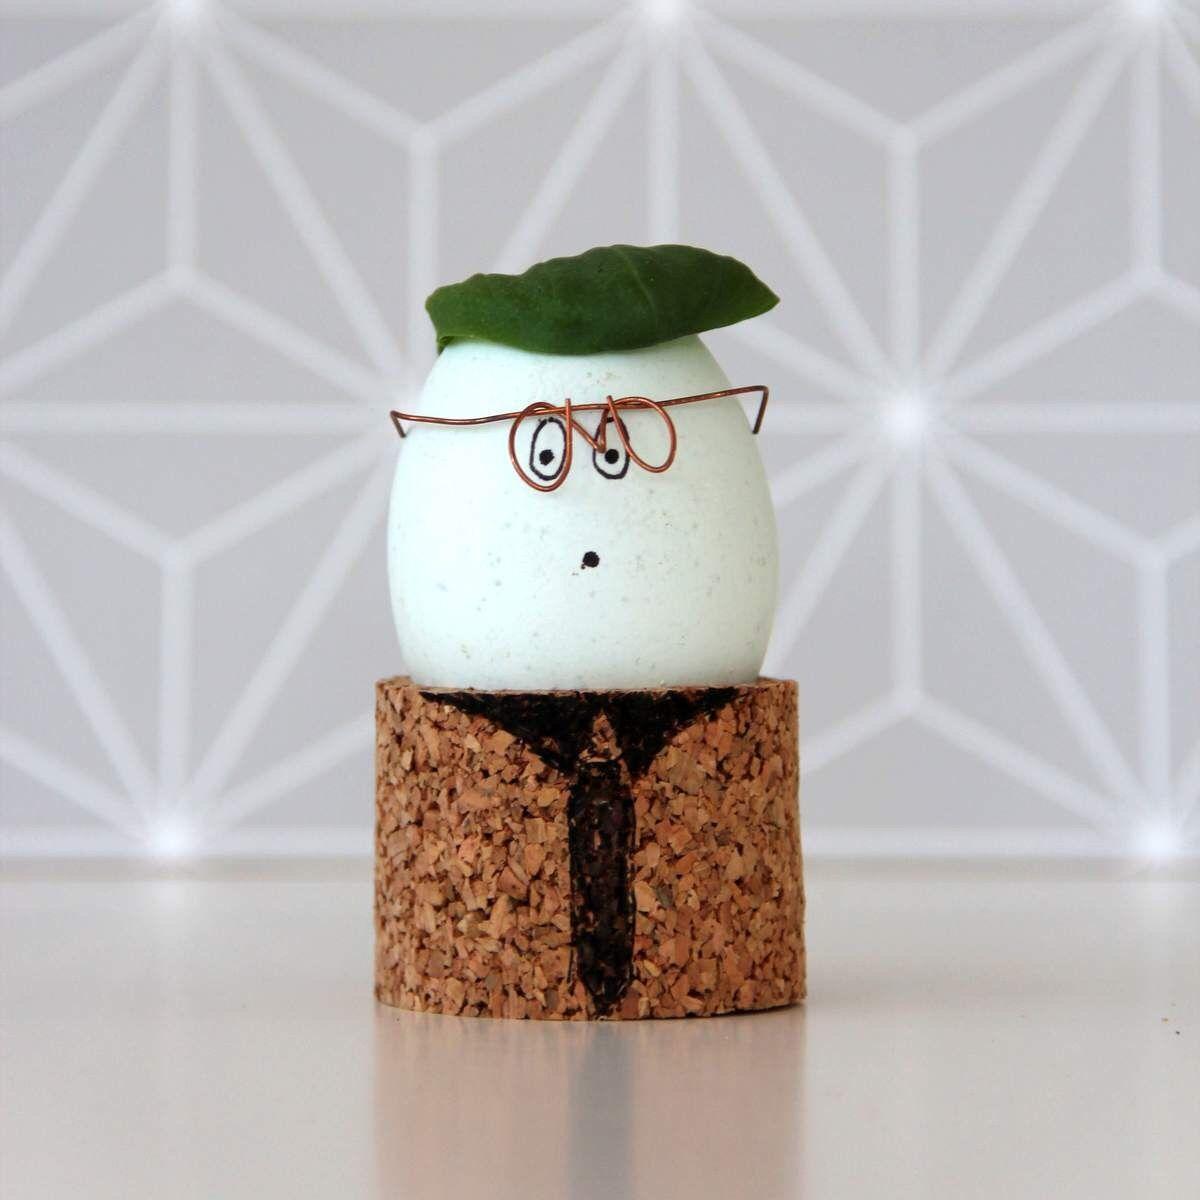 basteln mit kork eierbecher diy selber machen osterdeko ostereier gestalten und eierbecher. Black Bedroom Furniture Sets. Home Design Ideas